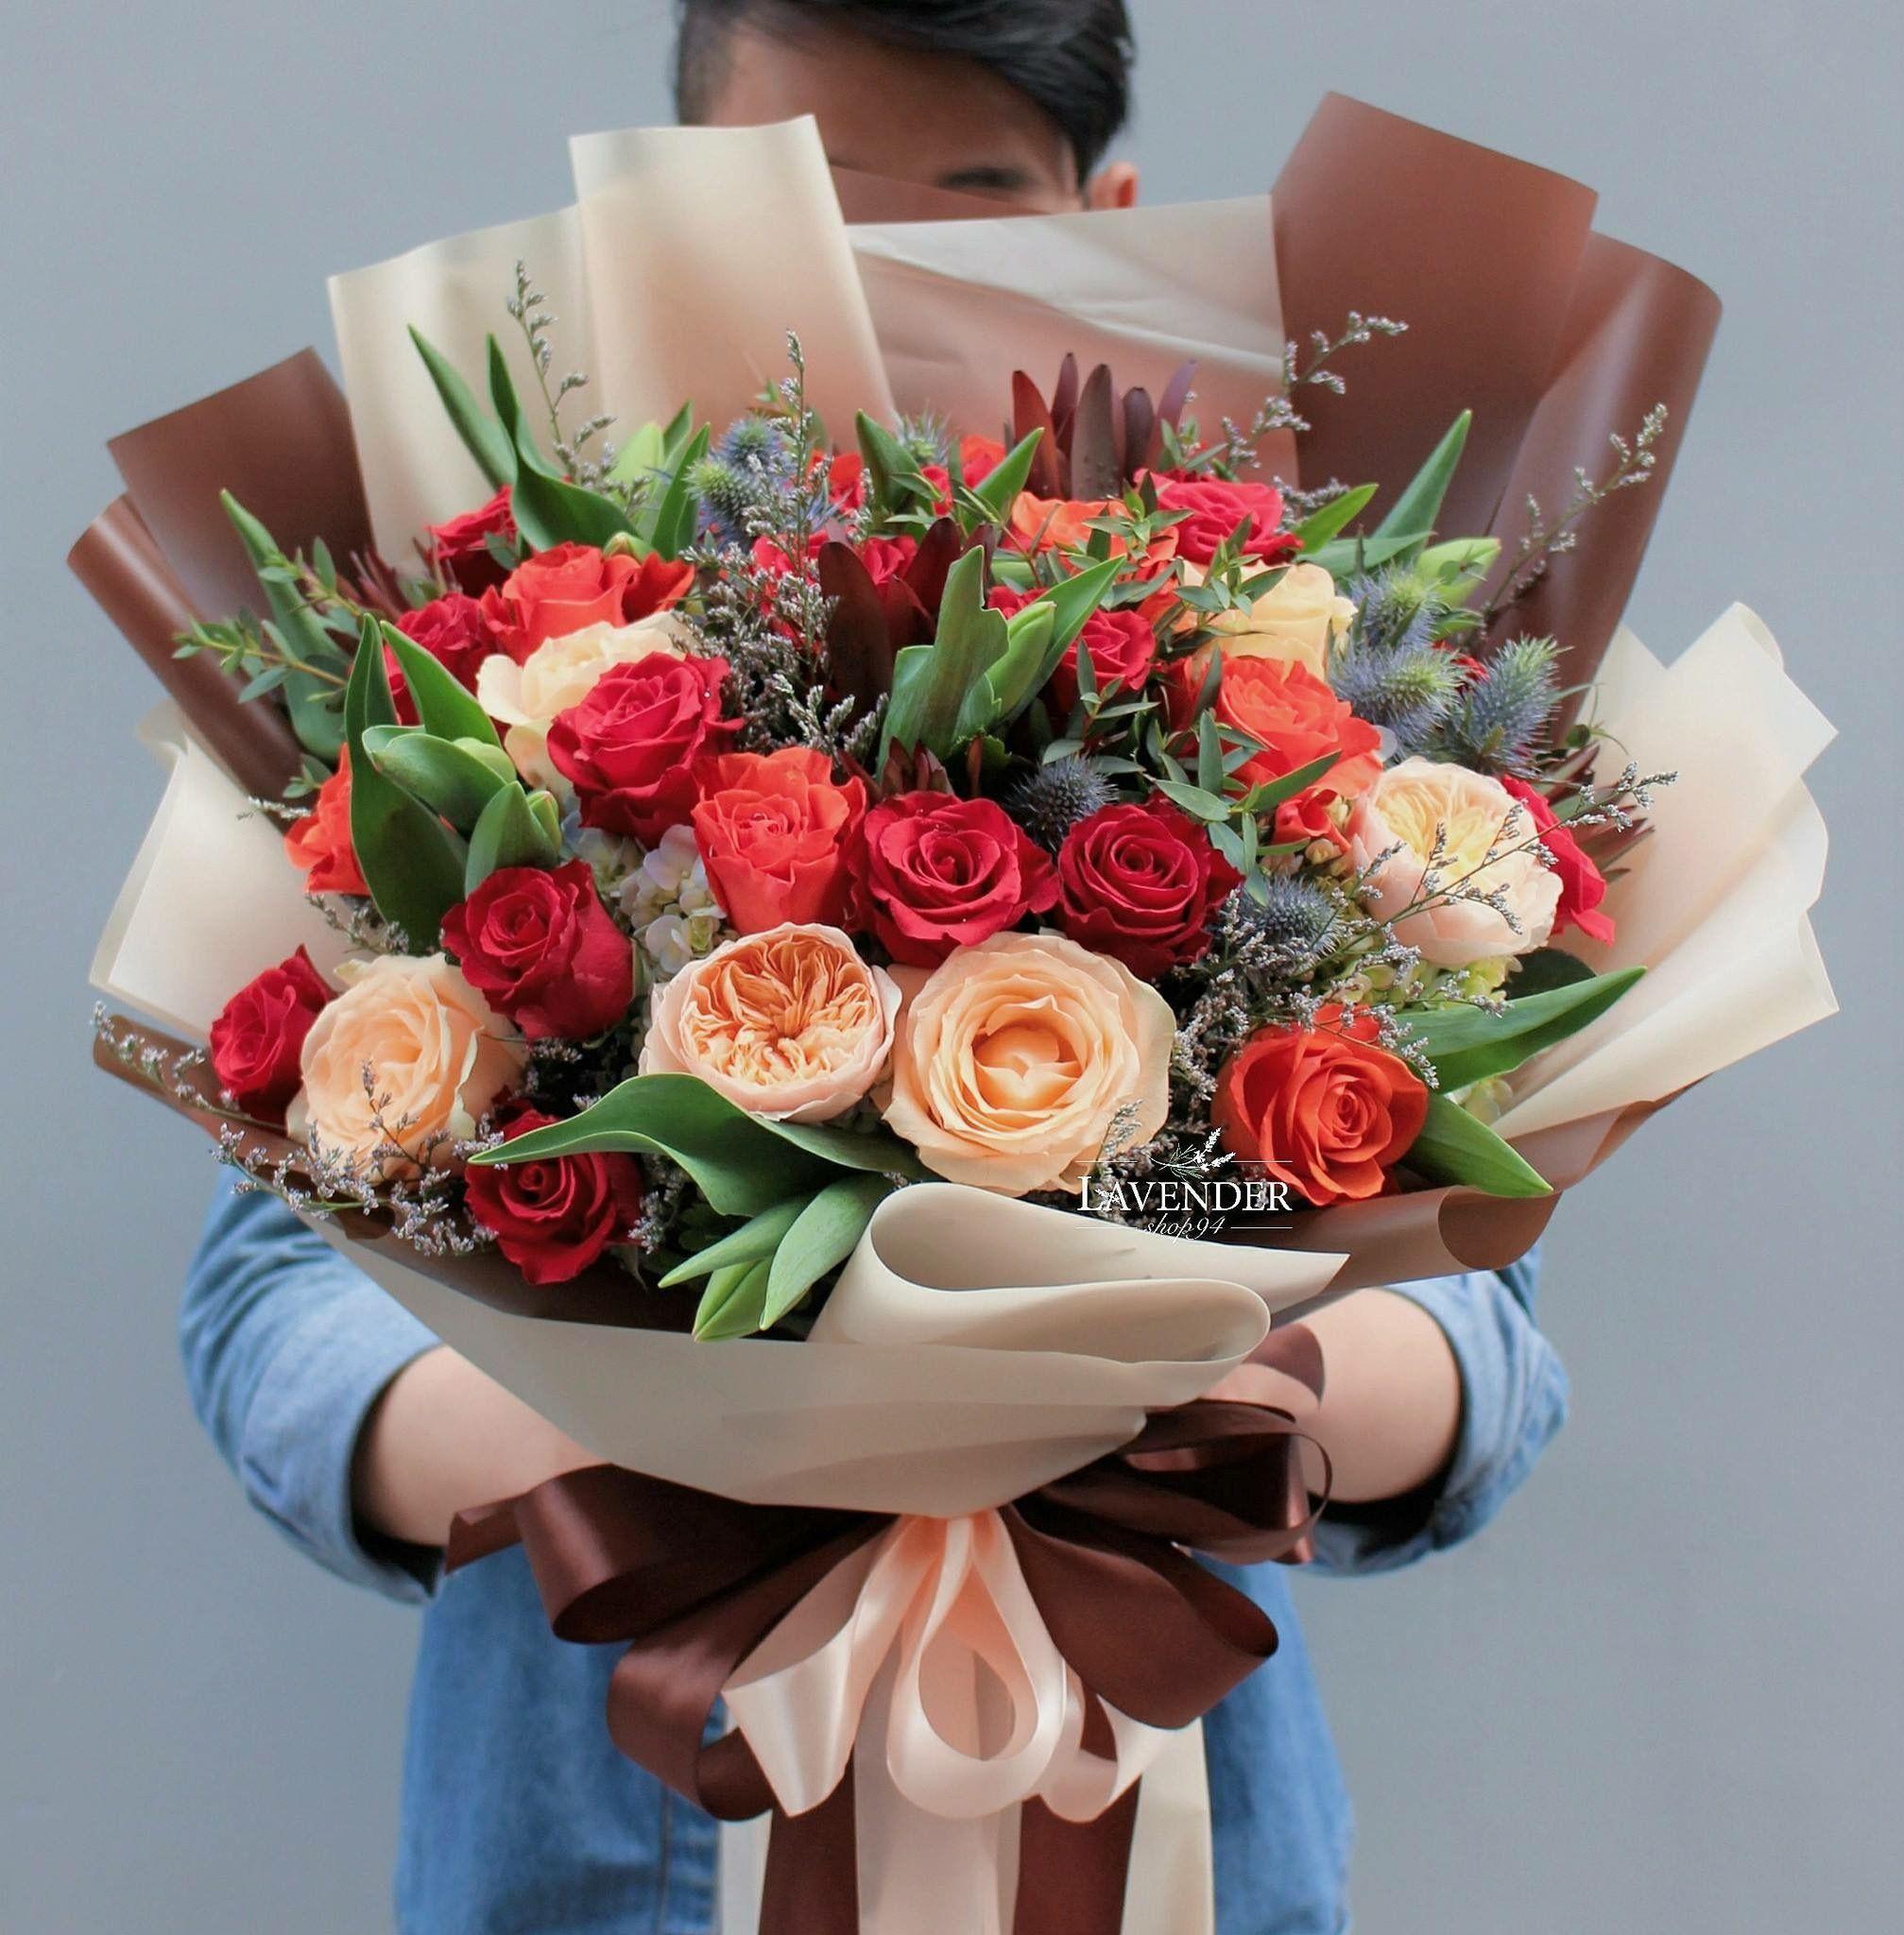 ради букет цветов в подарок фото концепция